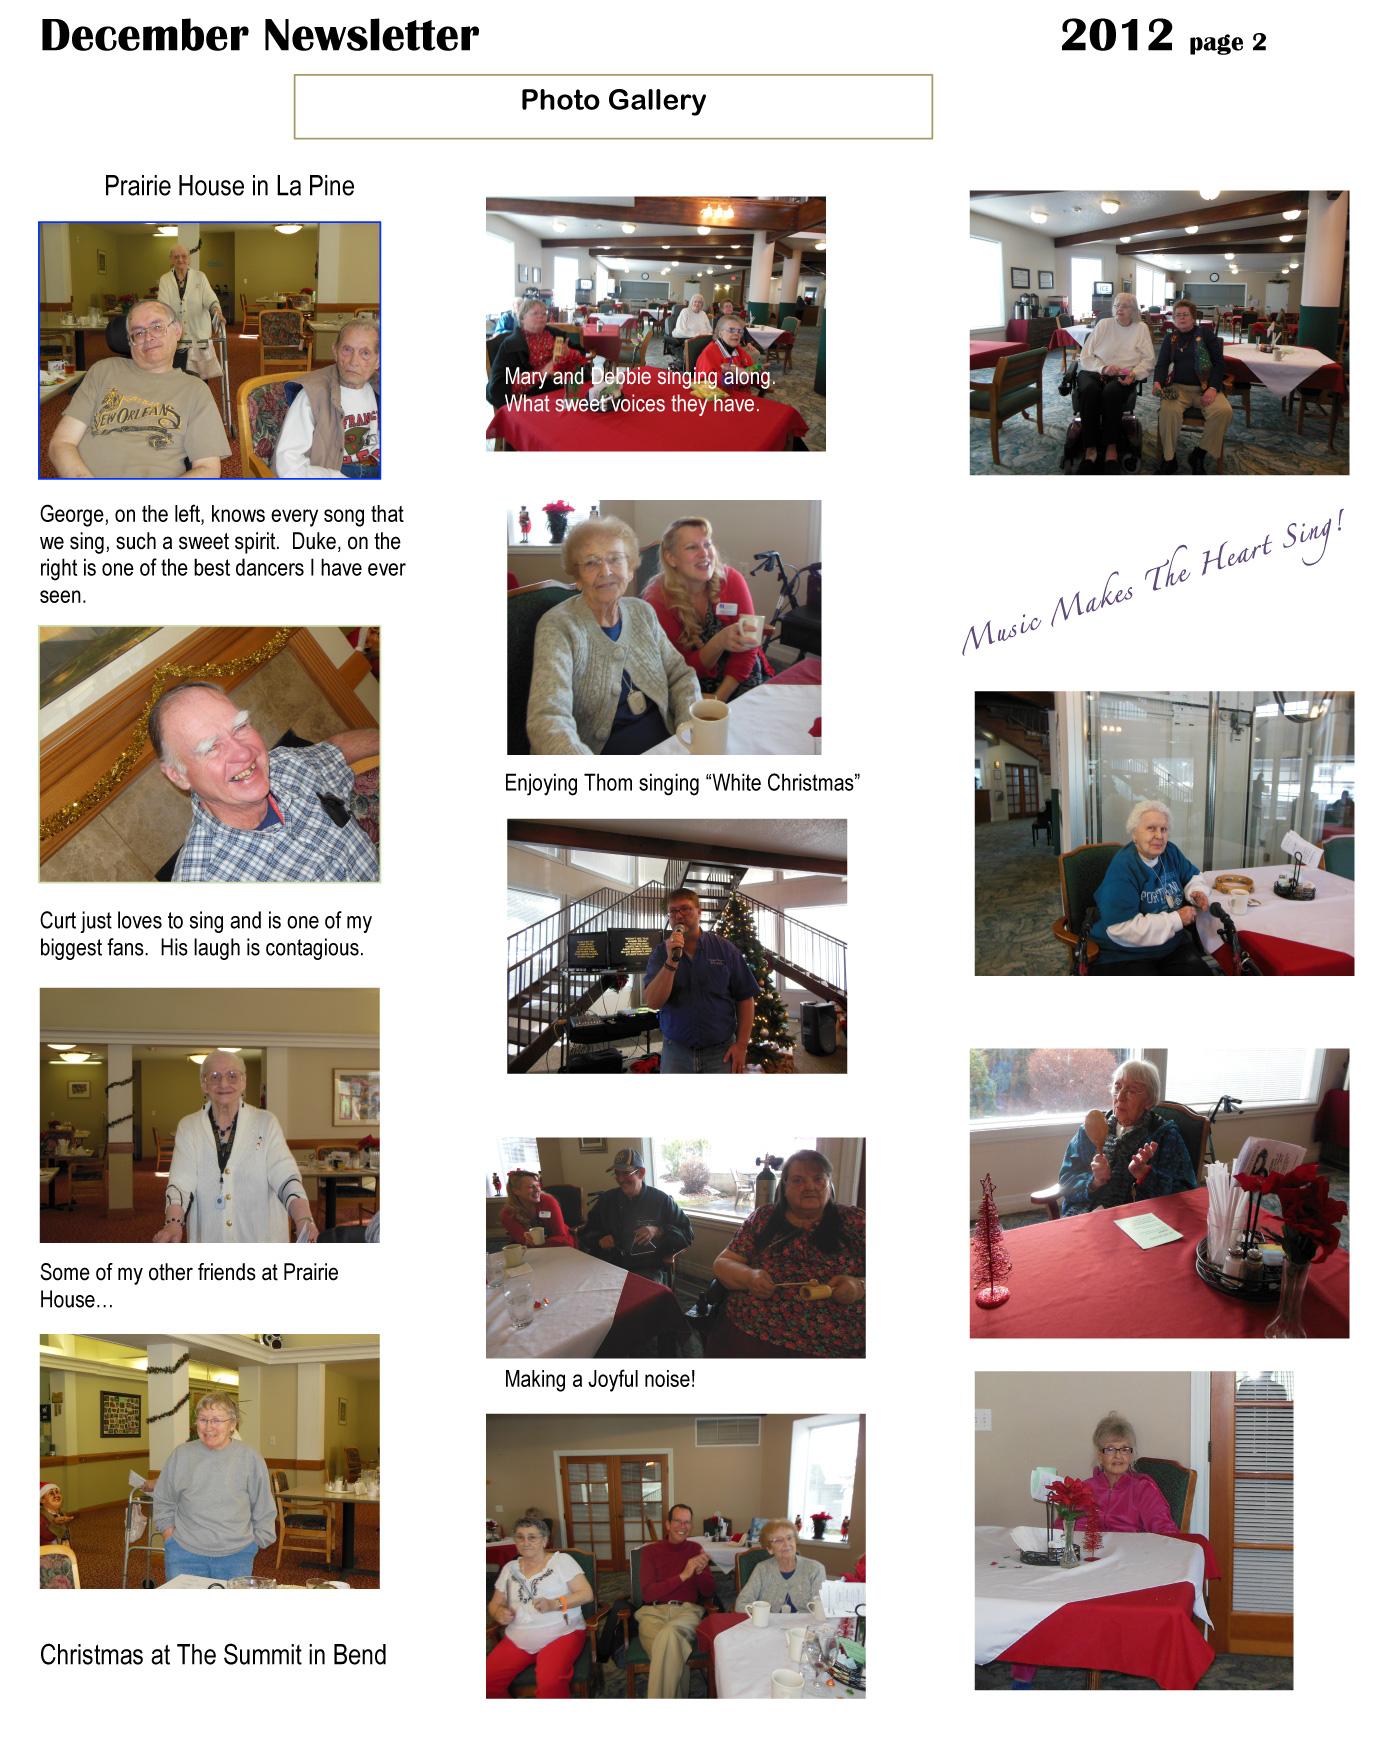 December-Newsletter-2012-2